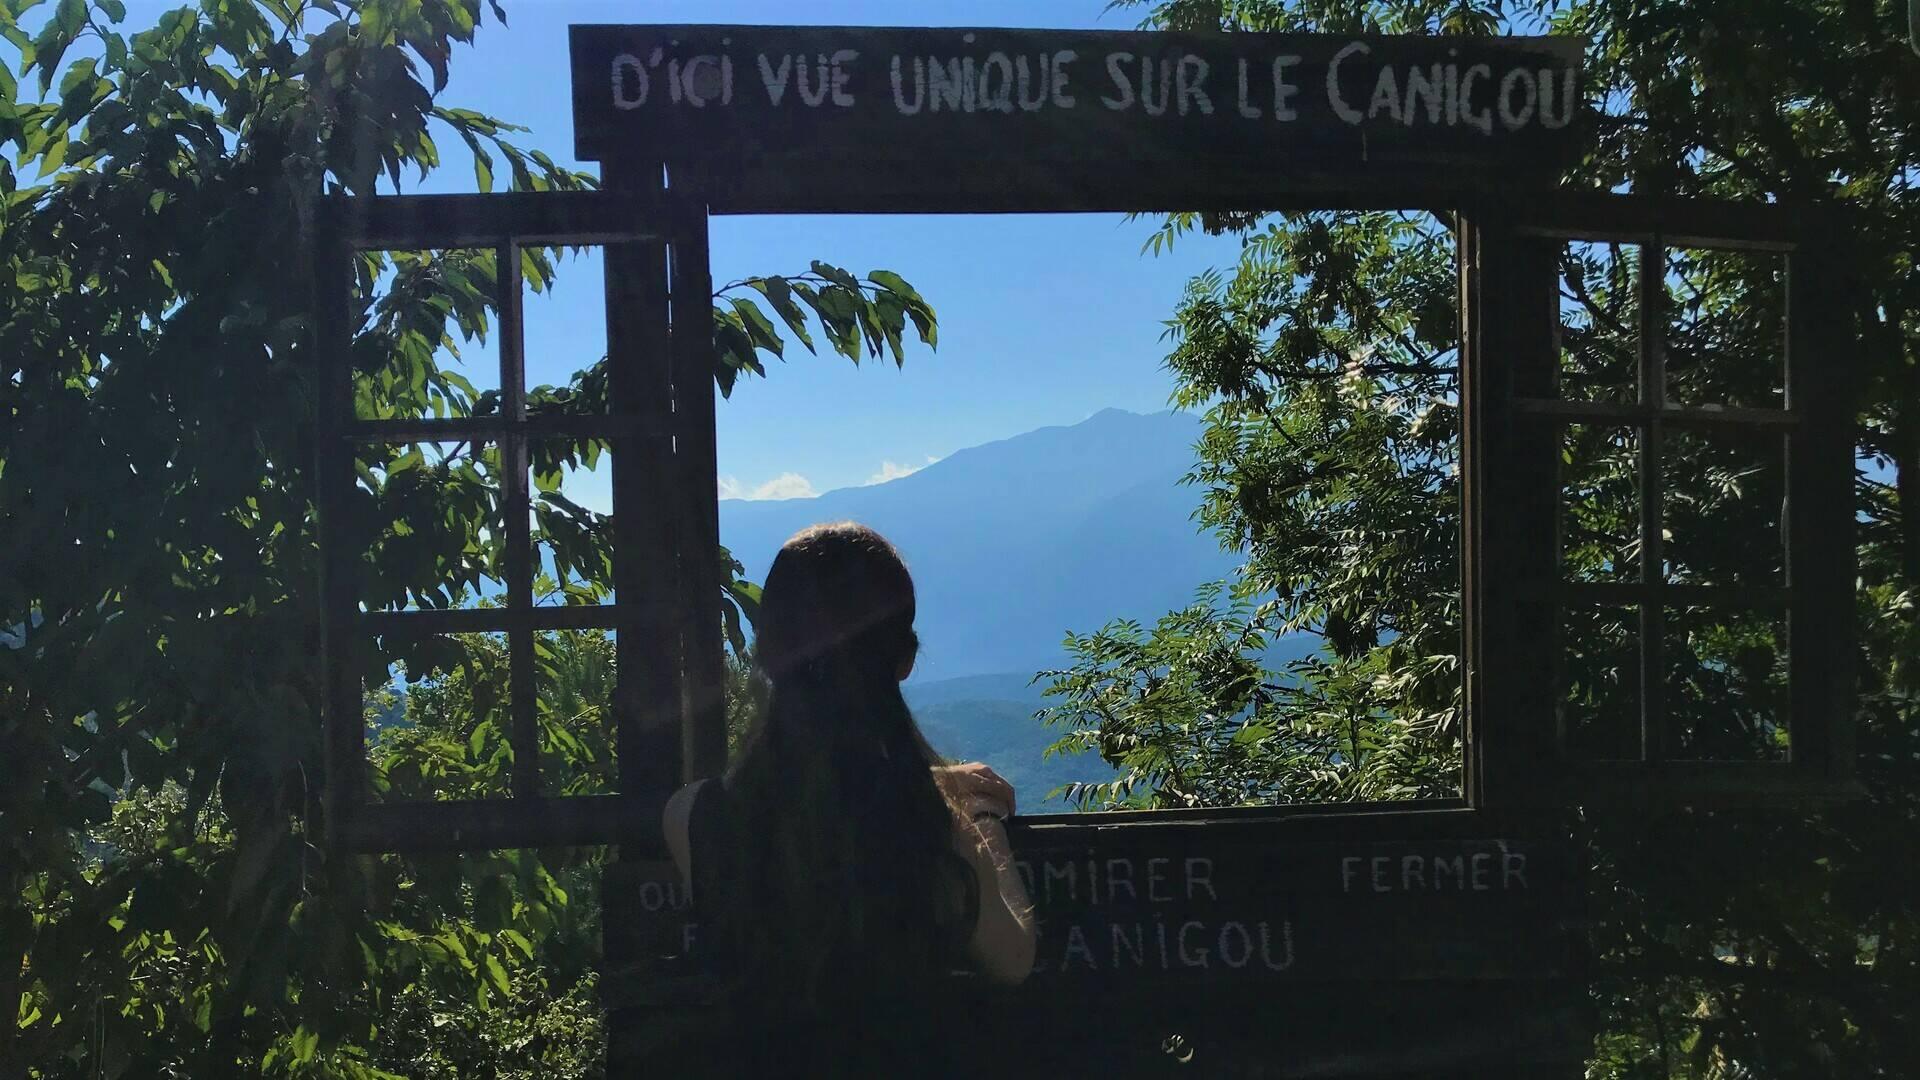 La fenêtre du Canigou